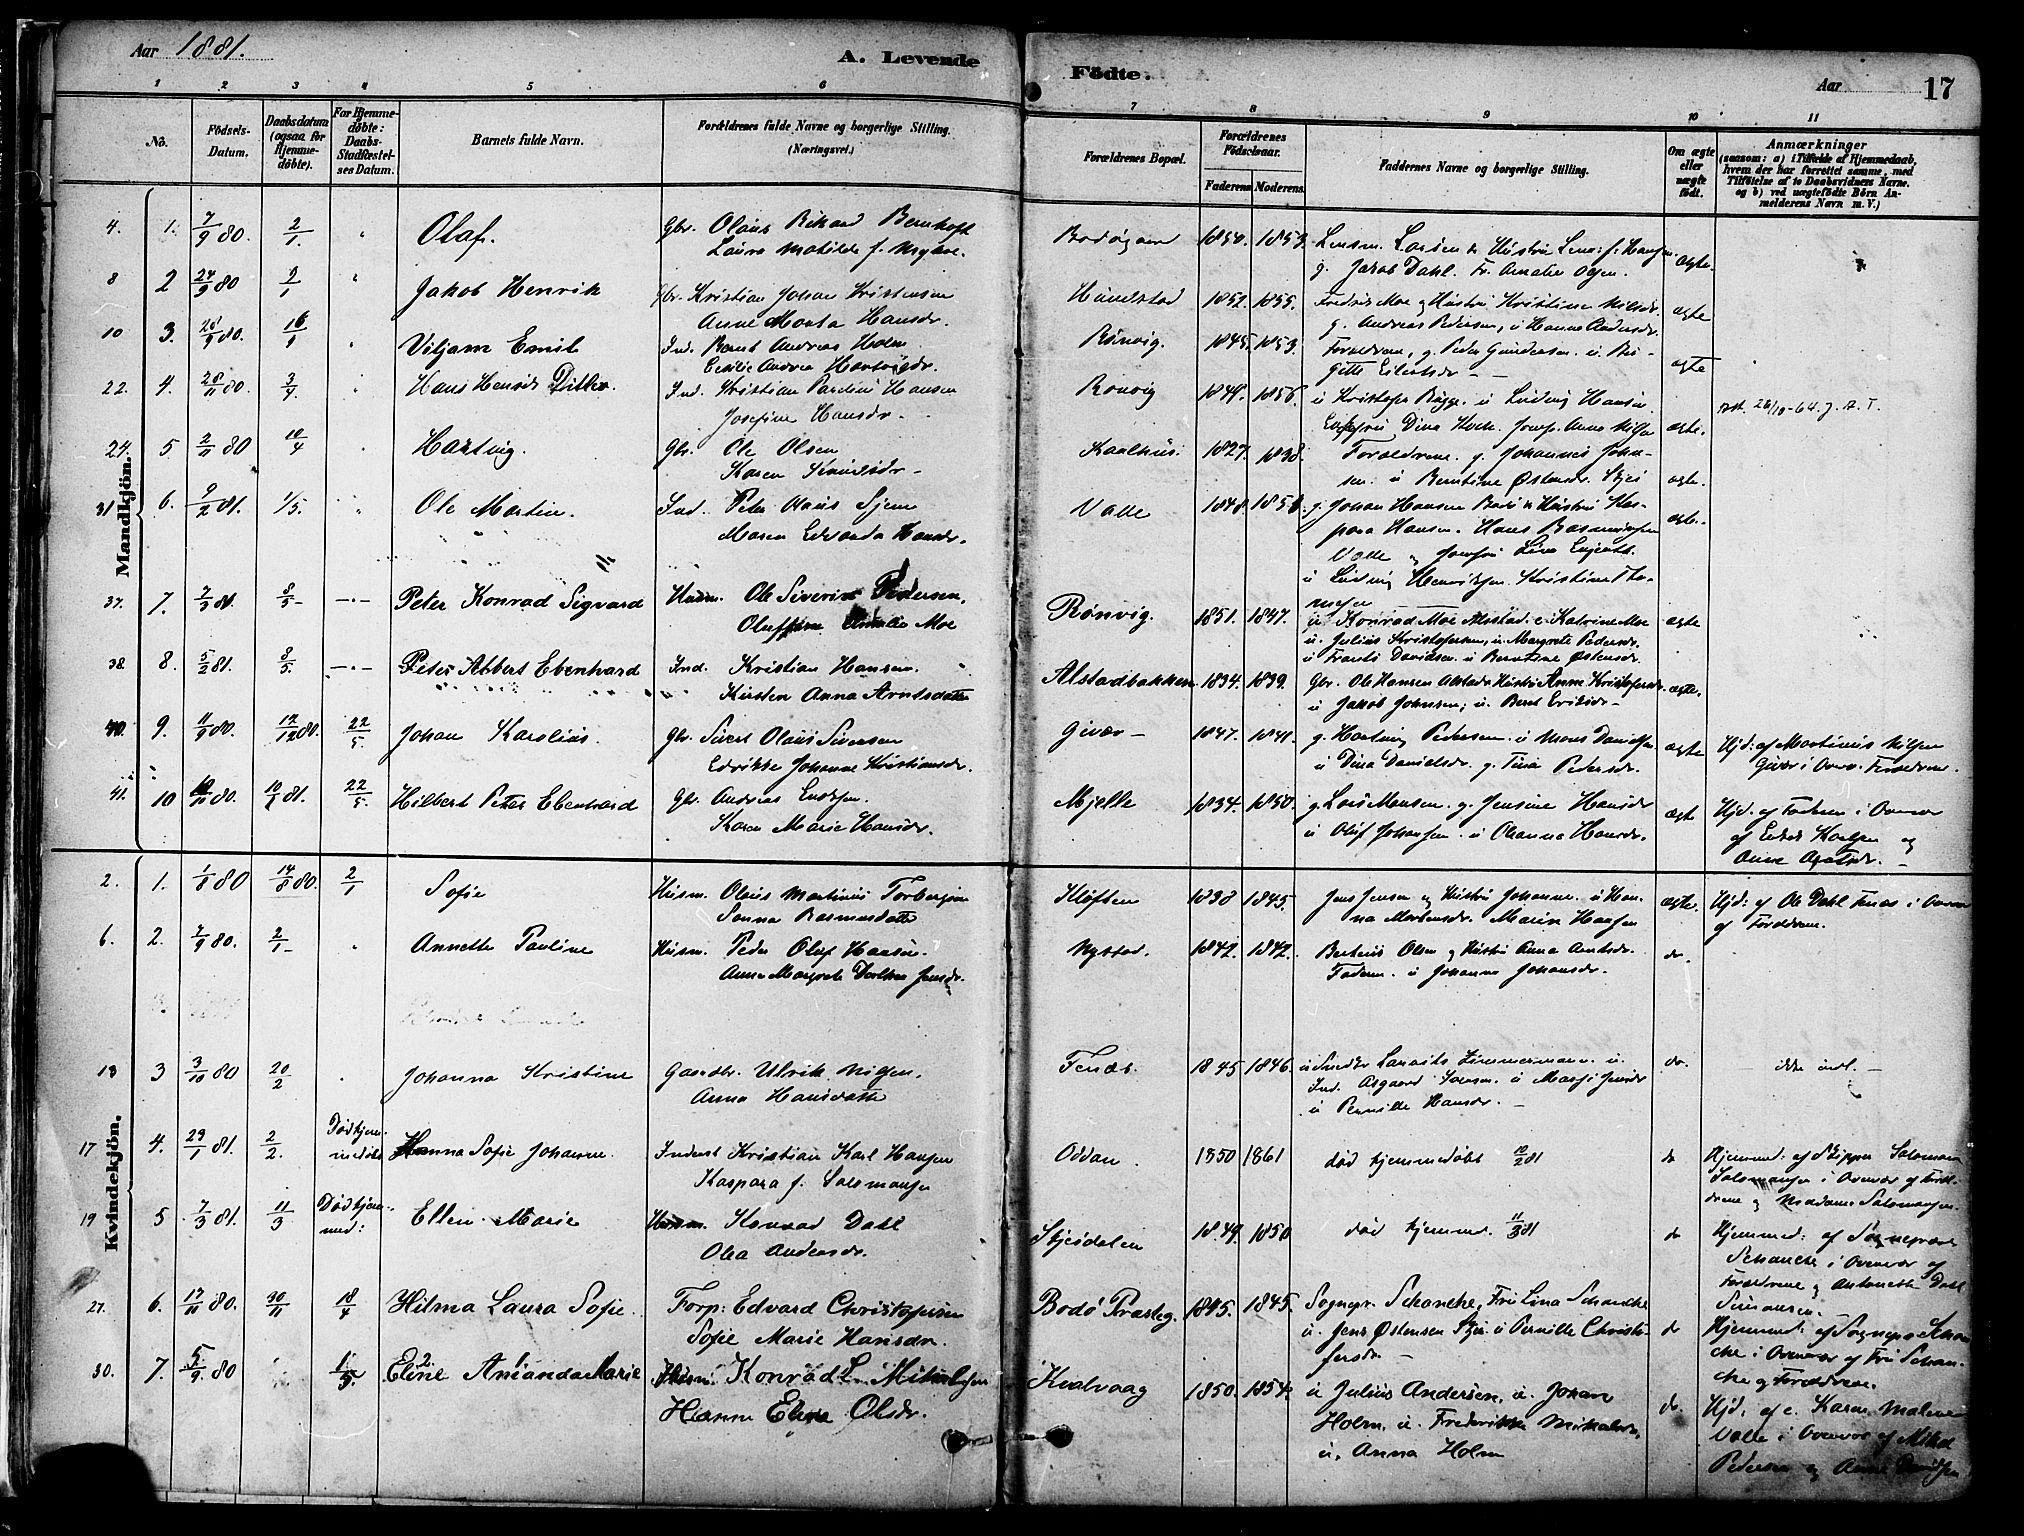 SAT, Ministerialprotokoller, klokkerbøker og fødselsregistre - Nordland, 802/L0054: Parish register (official) no. 802A01, 1879-1893, p. 17